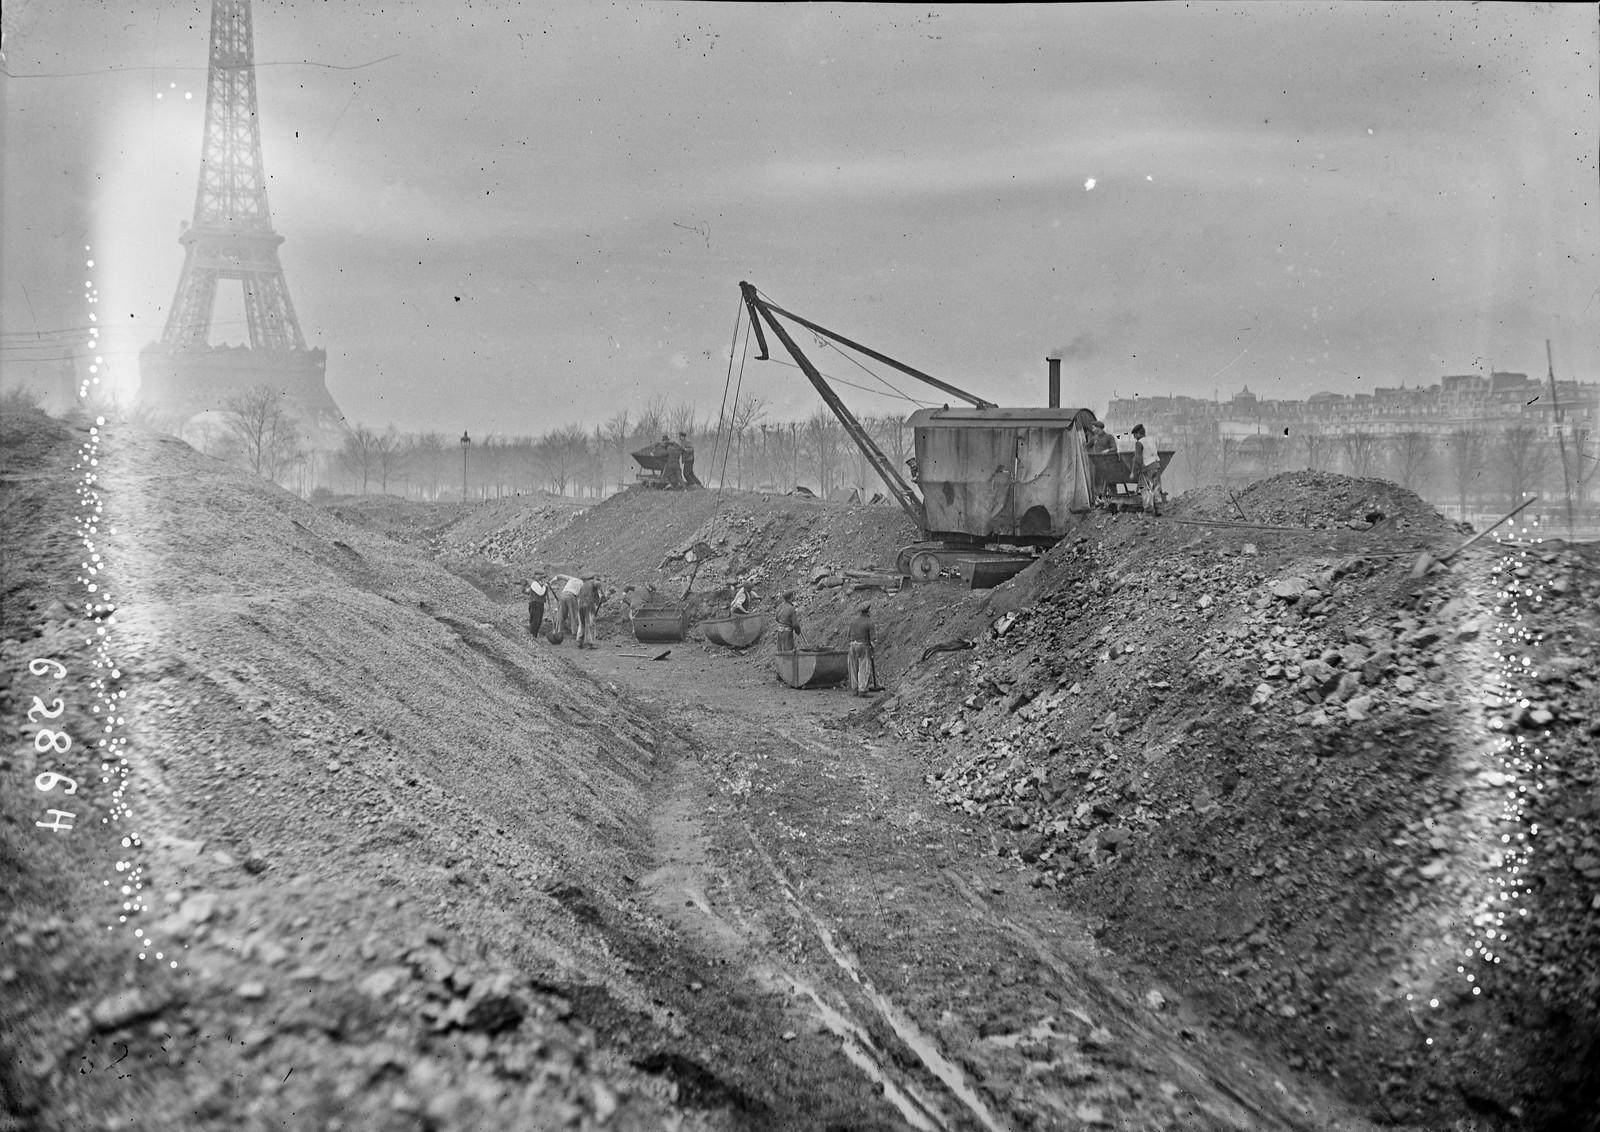 1920. Угольный рынок, недалеко от Эйфелевой башни